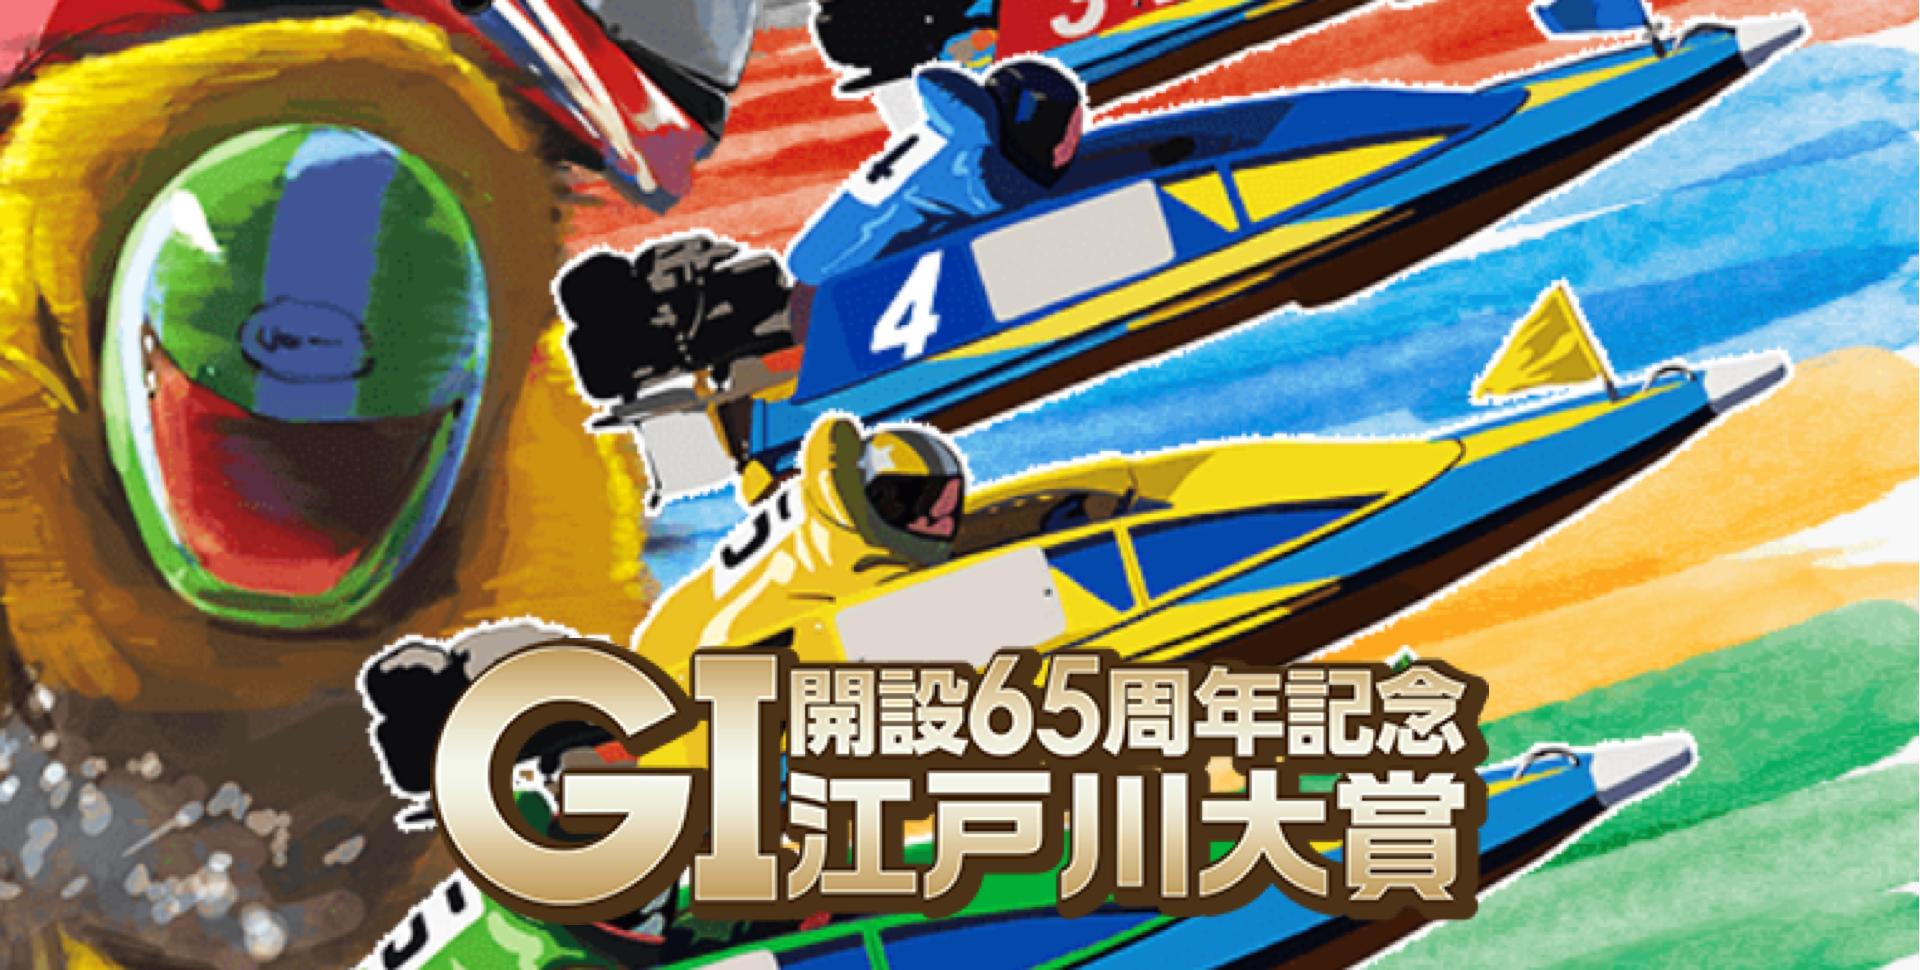 【江戸川競艇予想(1/19)】G1江戸川大賞(2021)3日目の買い目はコレ!